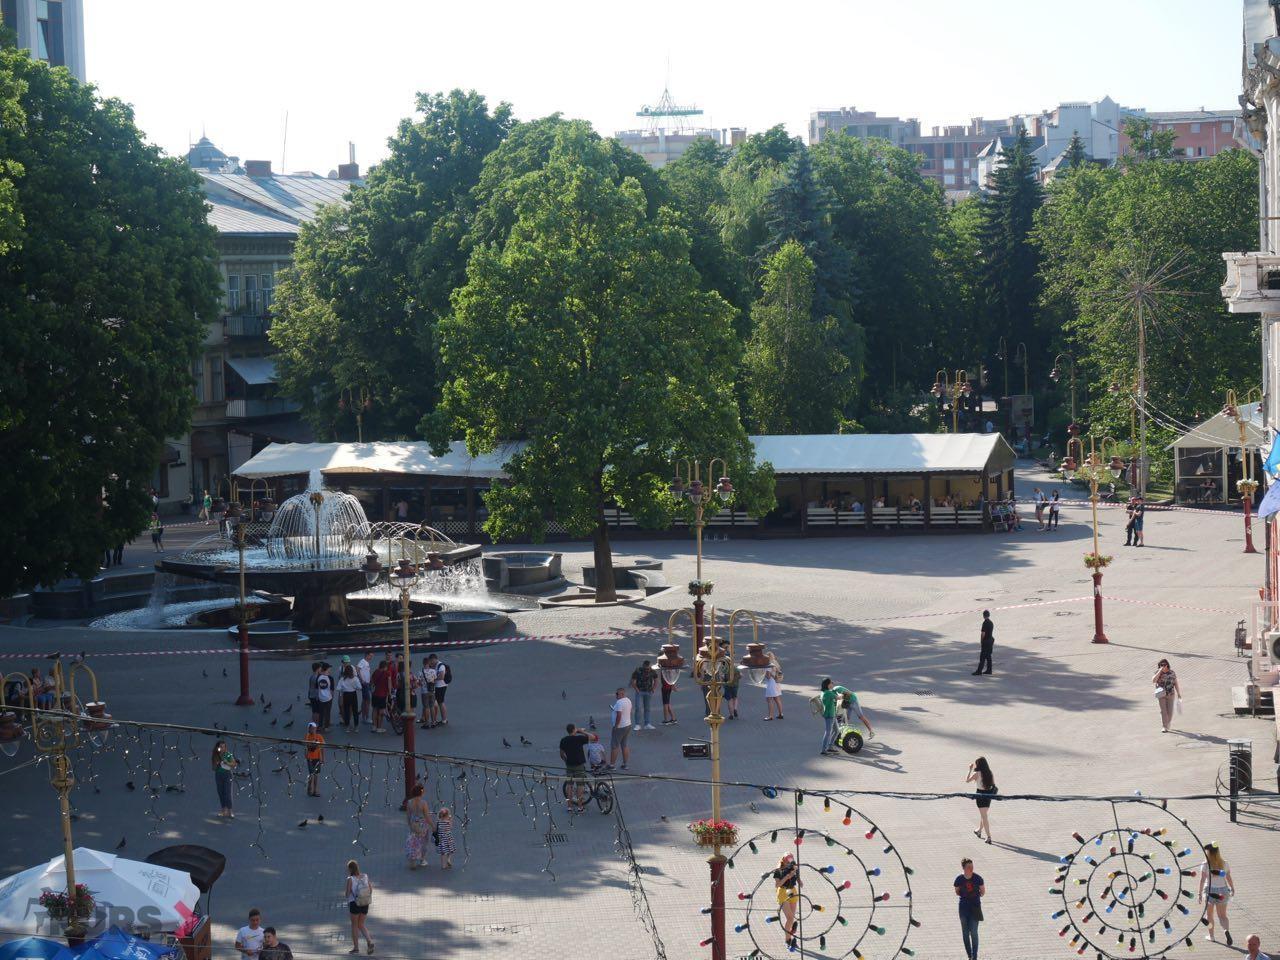 З франківського фонтана вигнали дітей – повідомлення про замінування 4